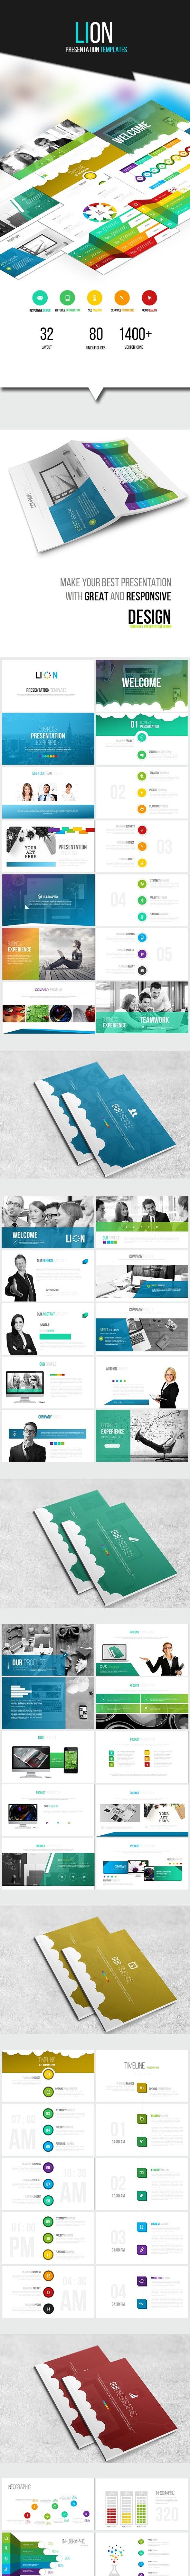 LION - Google Slides Templates - Google Slides Presentation Templates